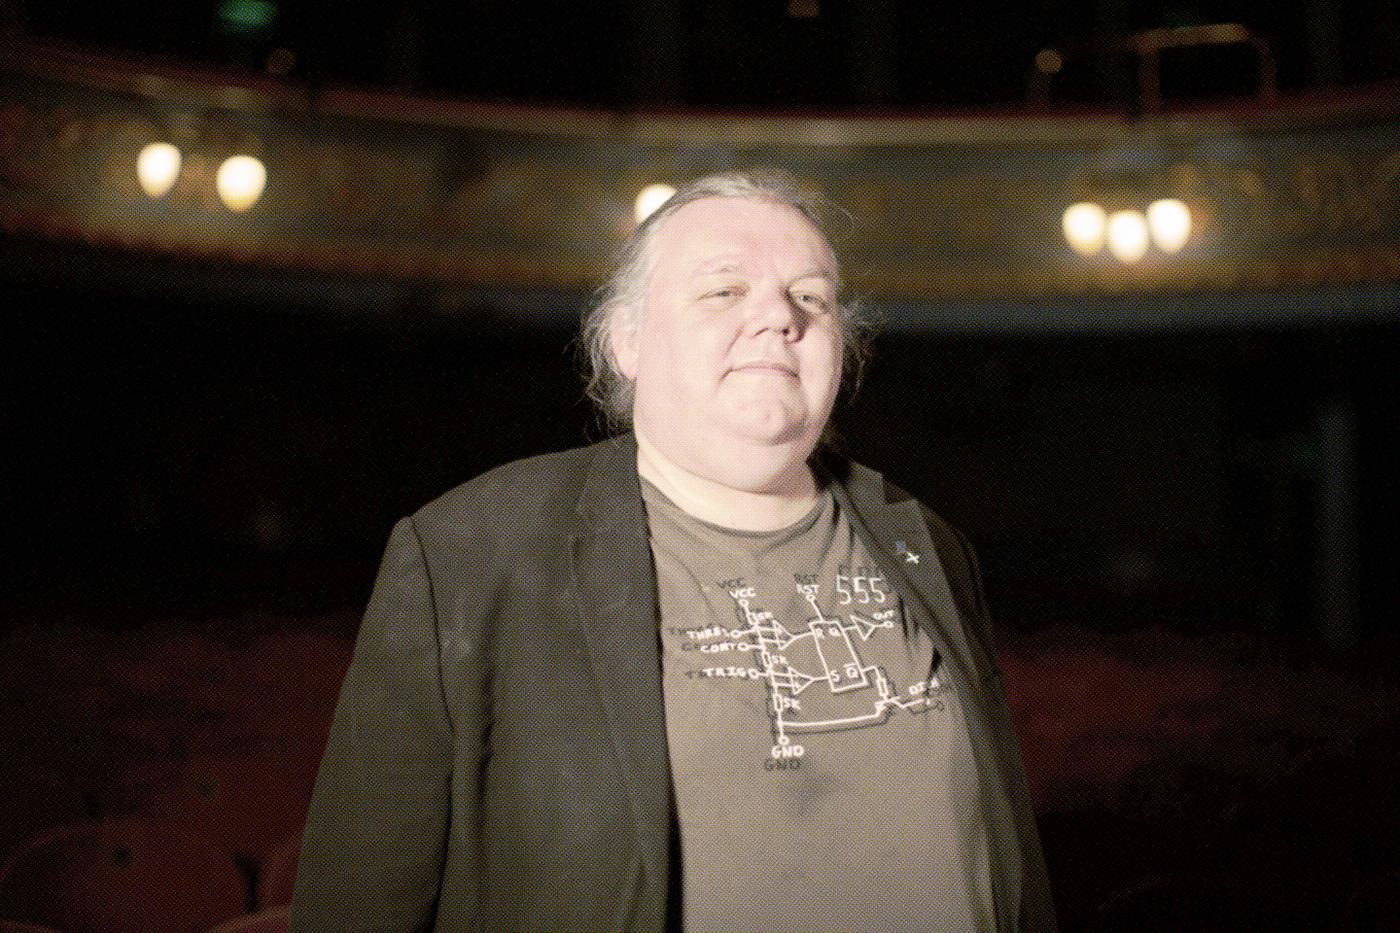 Rupert Goodwins